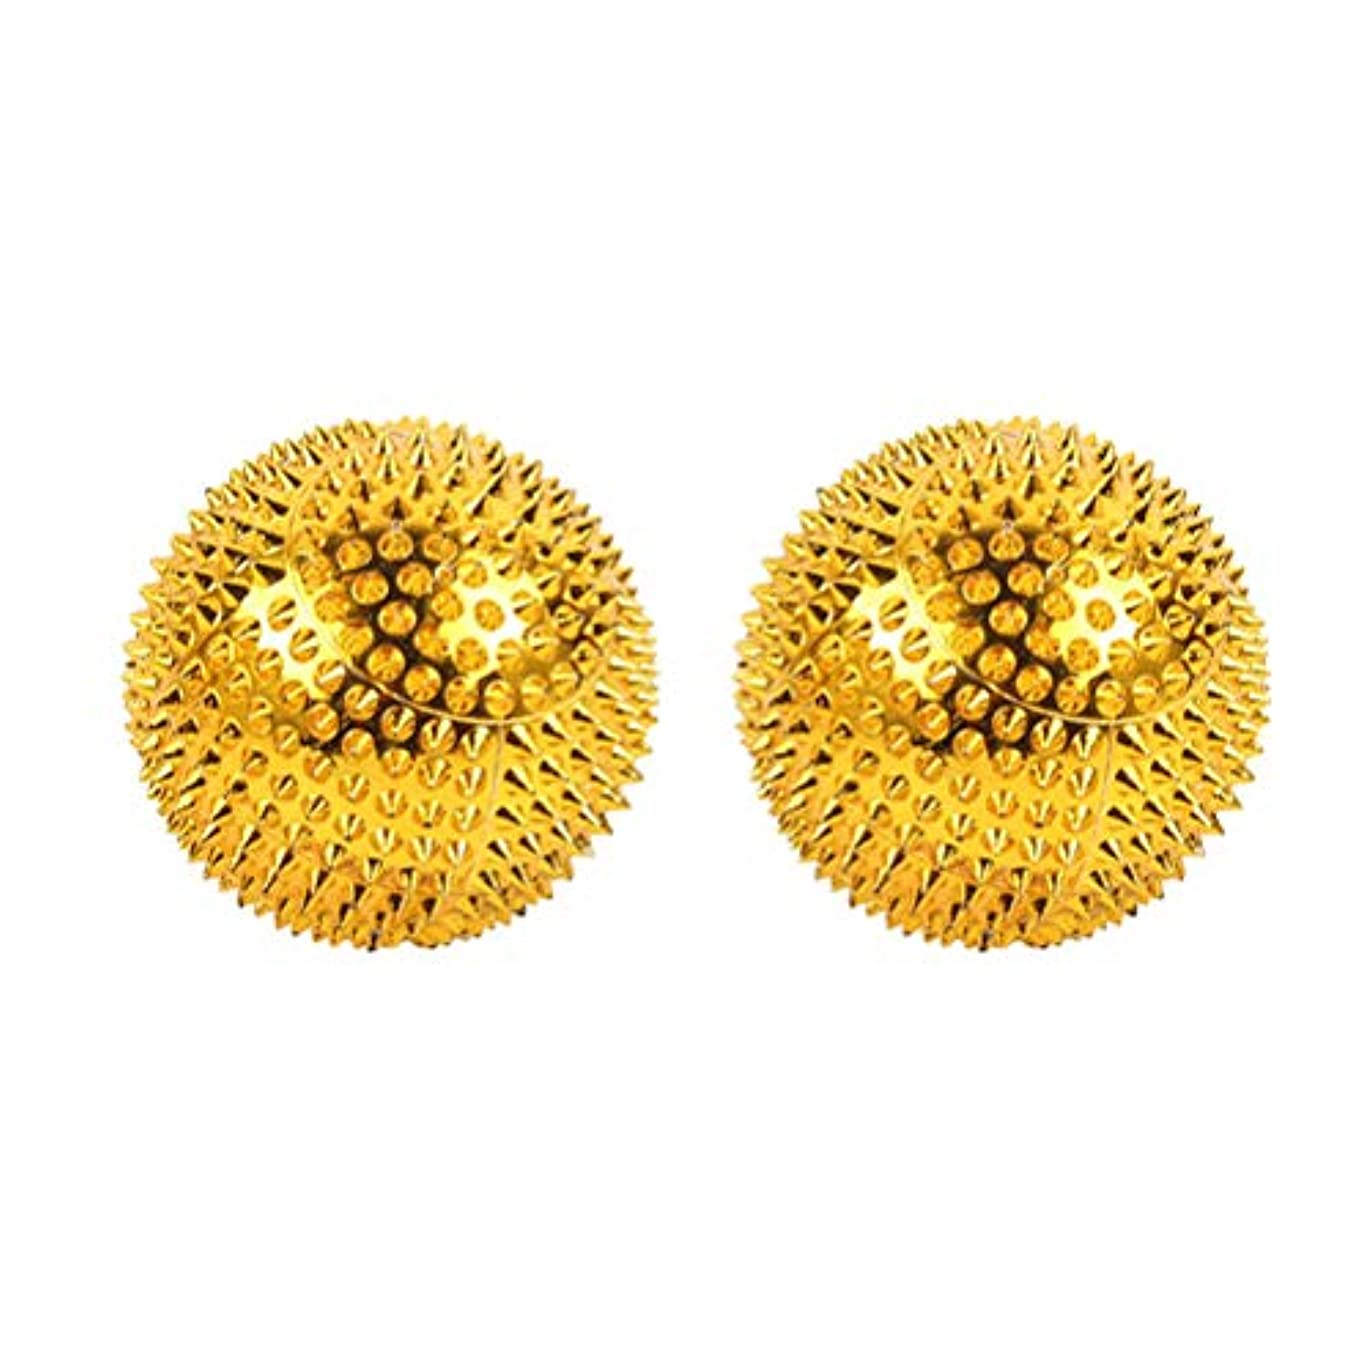 ペパーミント取り出す不適切なHealifty マッサージボール鍼灸ボール指圧マッサージ2本(ゴールデン)